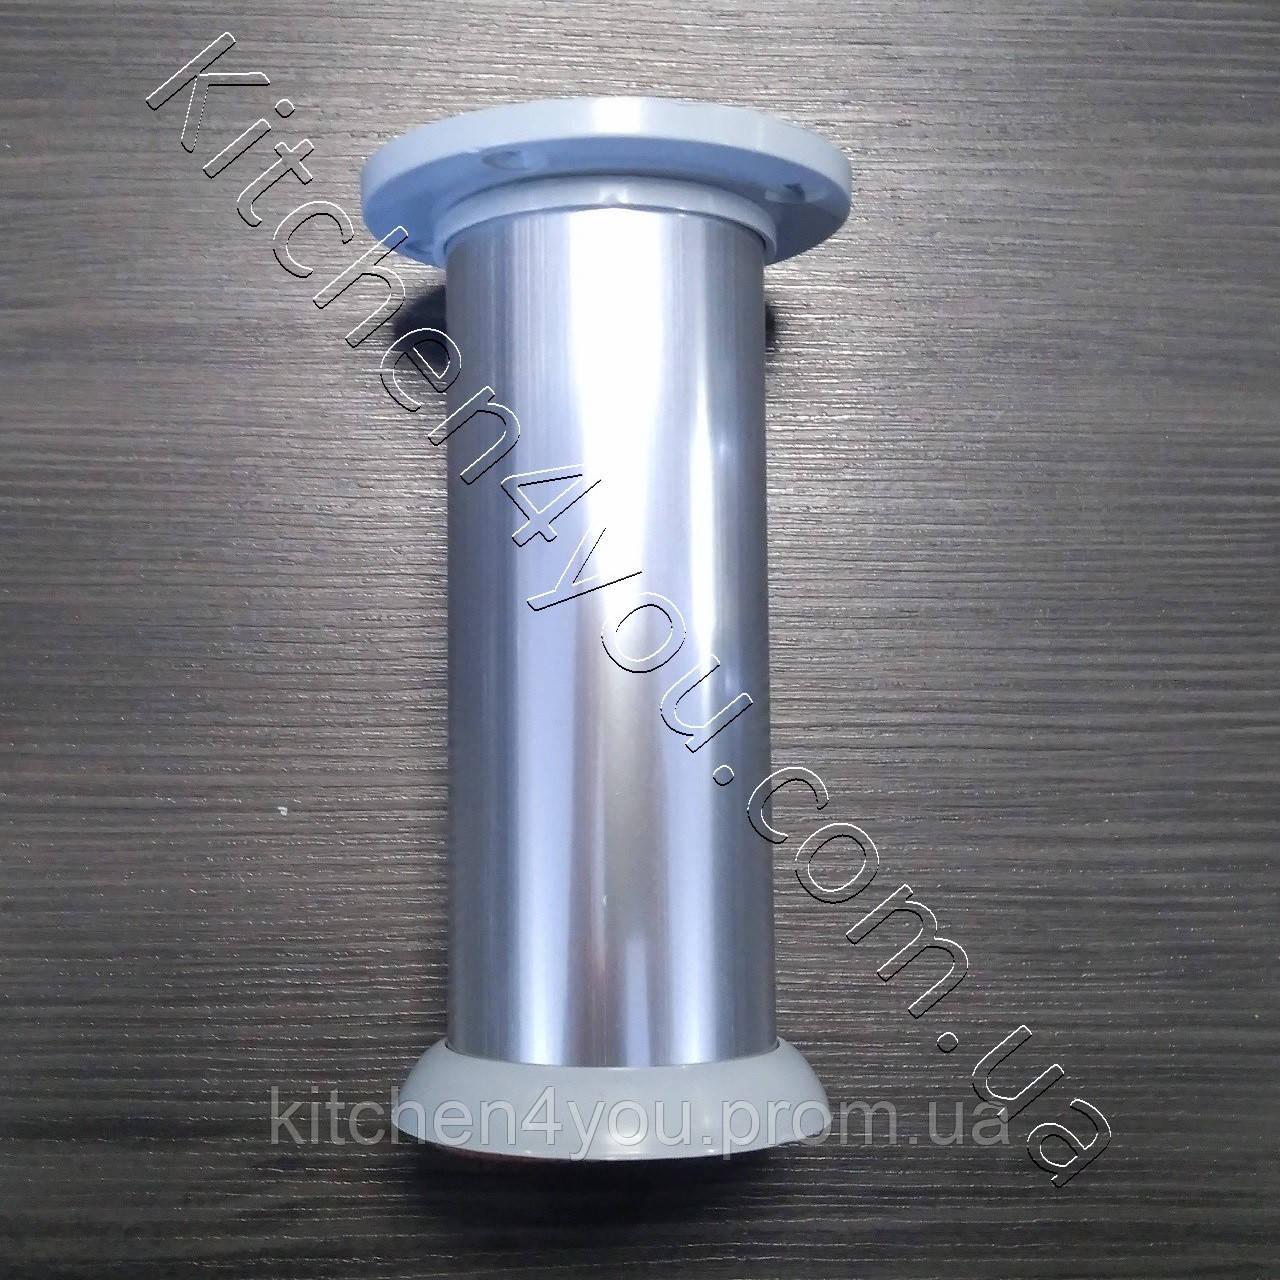 Ніжка меблева кругла IS 42GL-120 мм. алюміній глнцевый